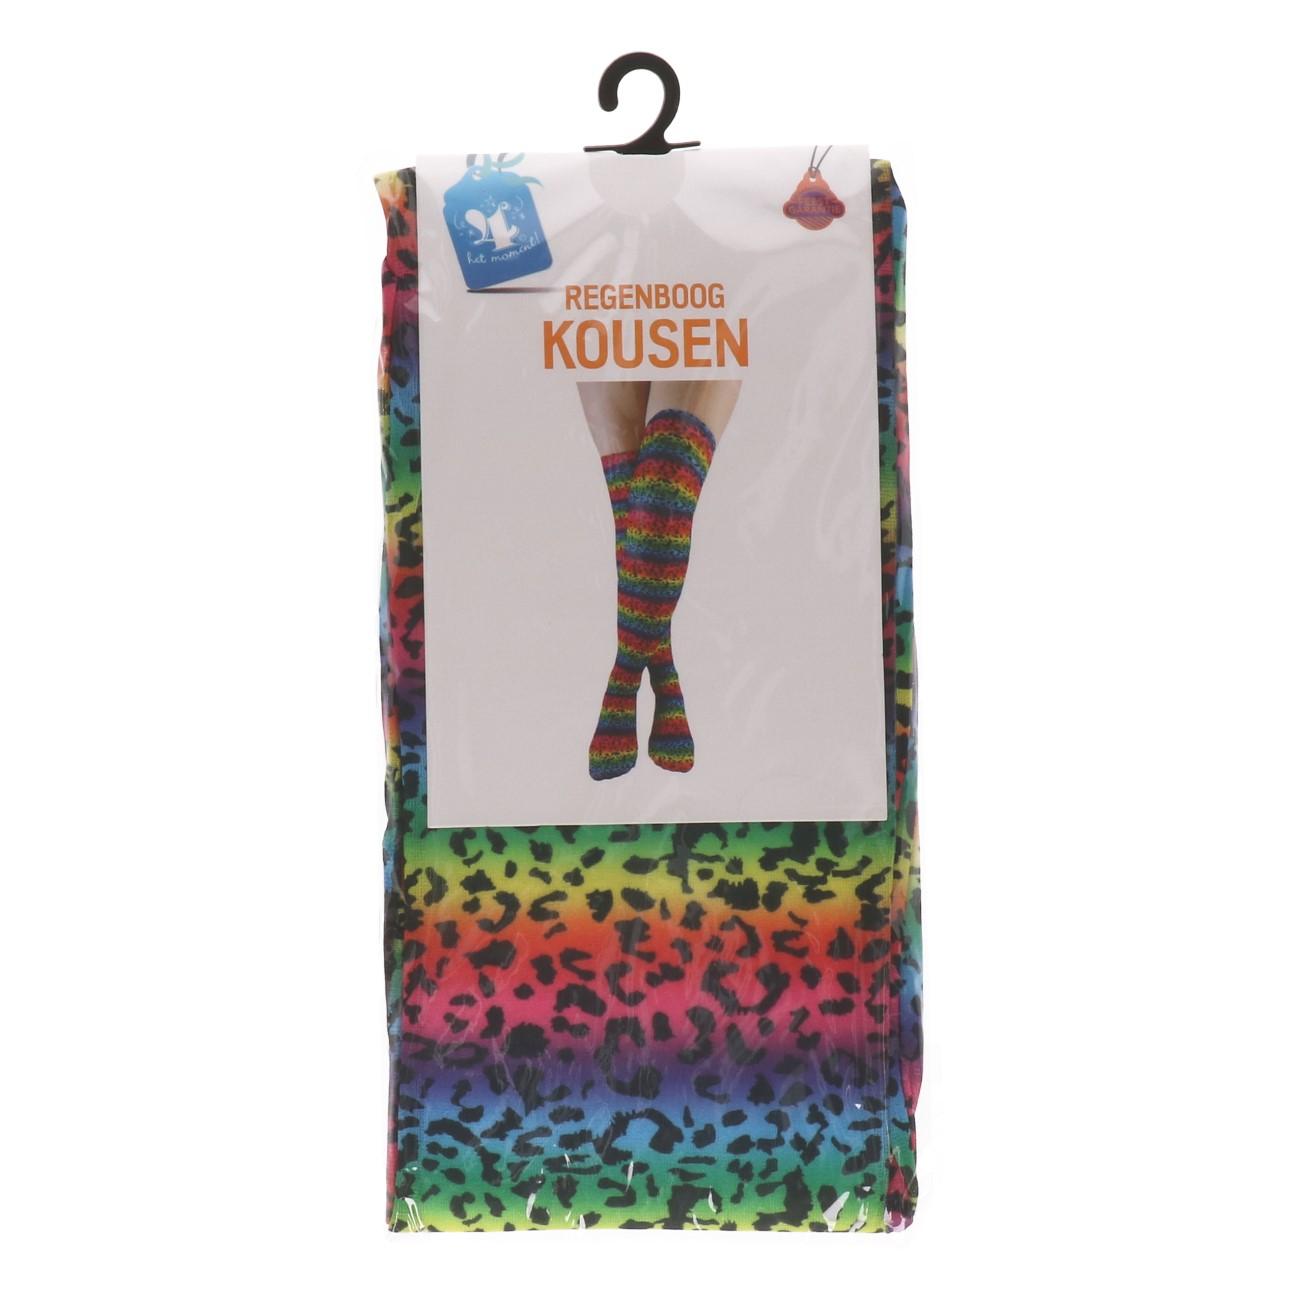 Kousen regenboog panterprint